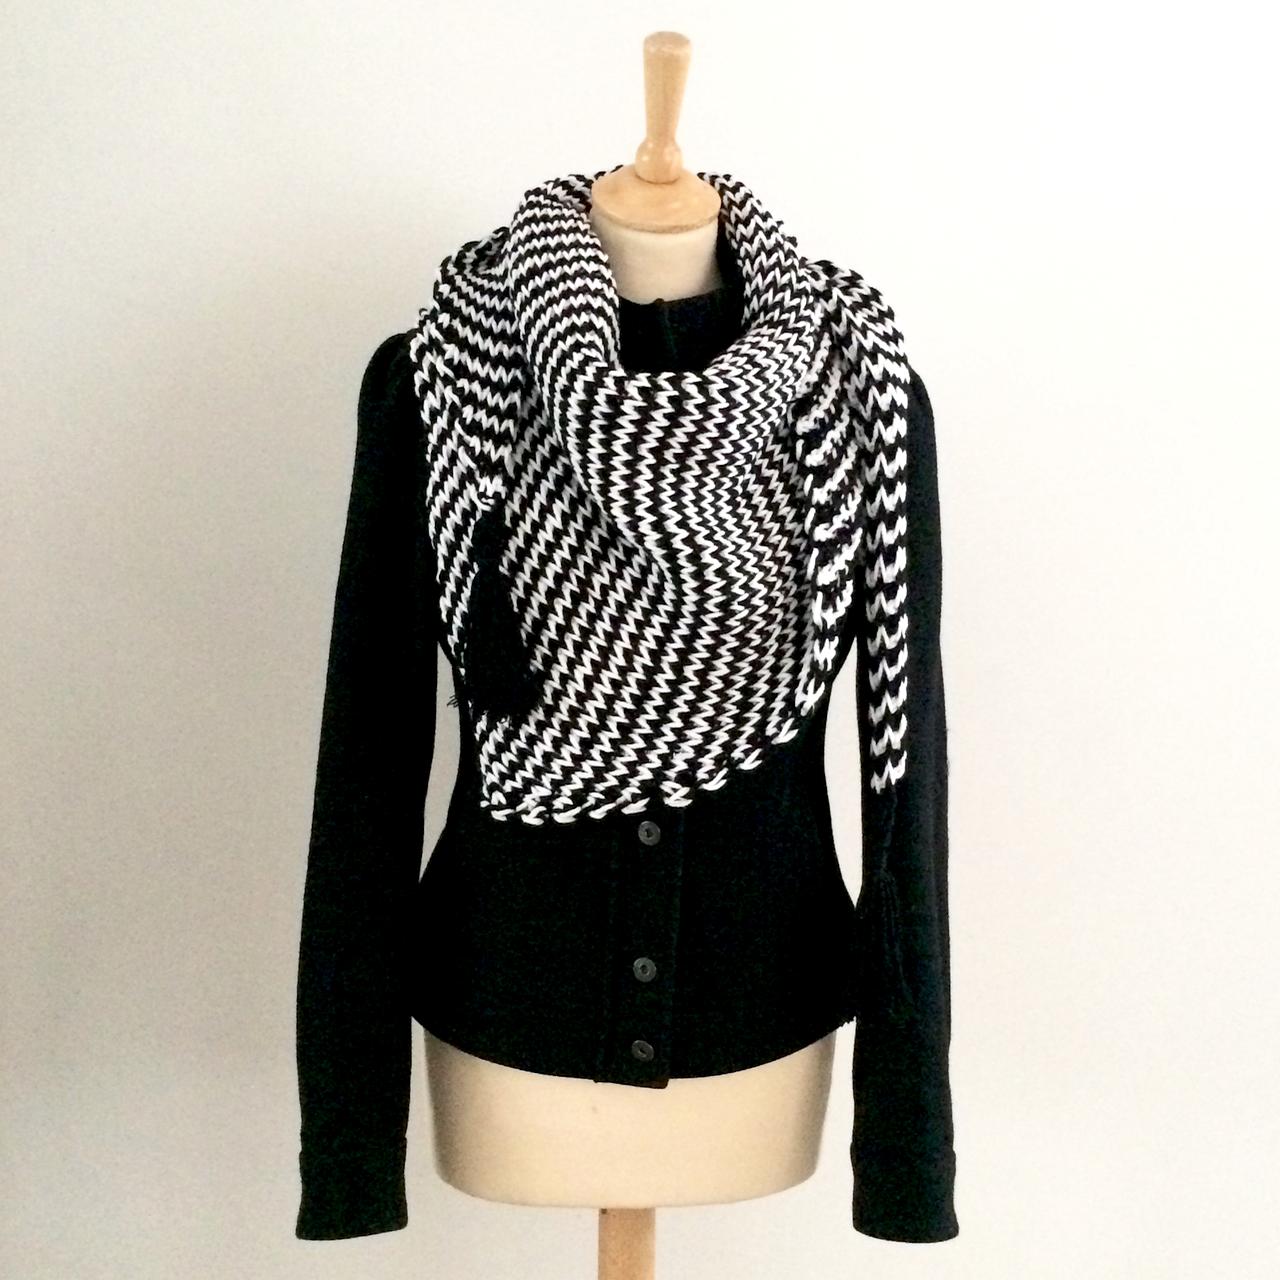 Haakpakket zebra sjaal-0